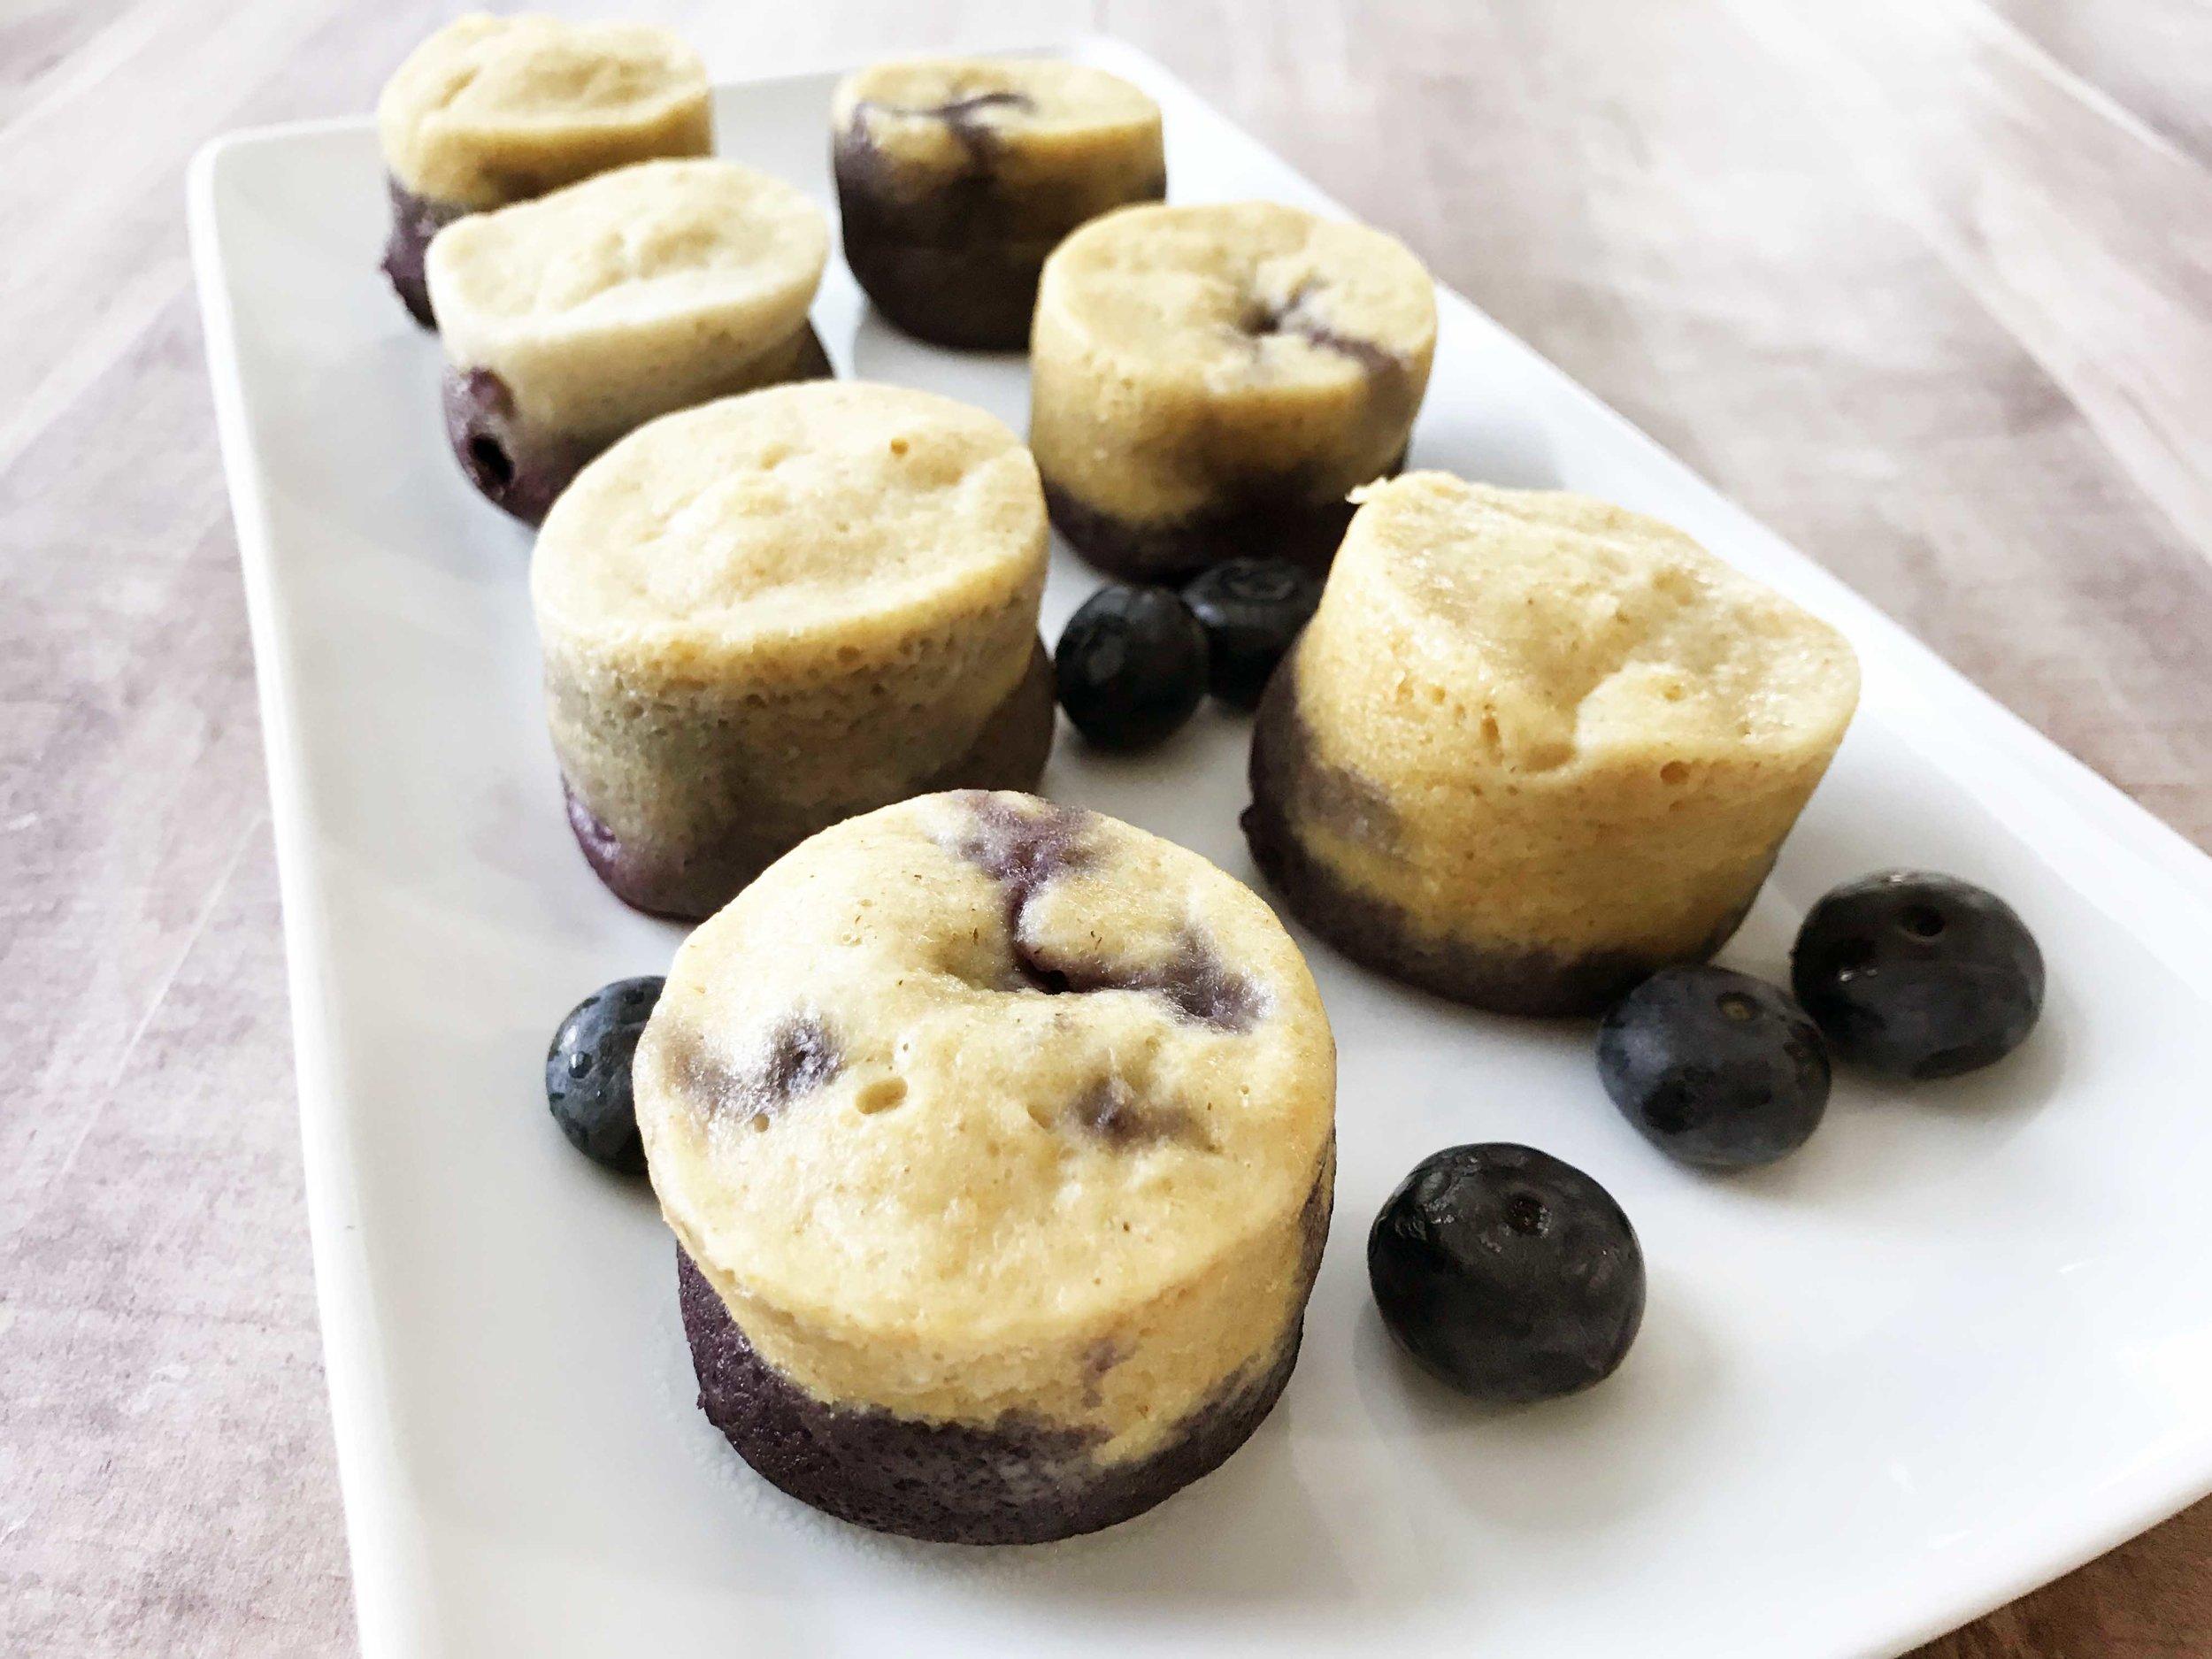 blueberry-pancake-bites6.jpg